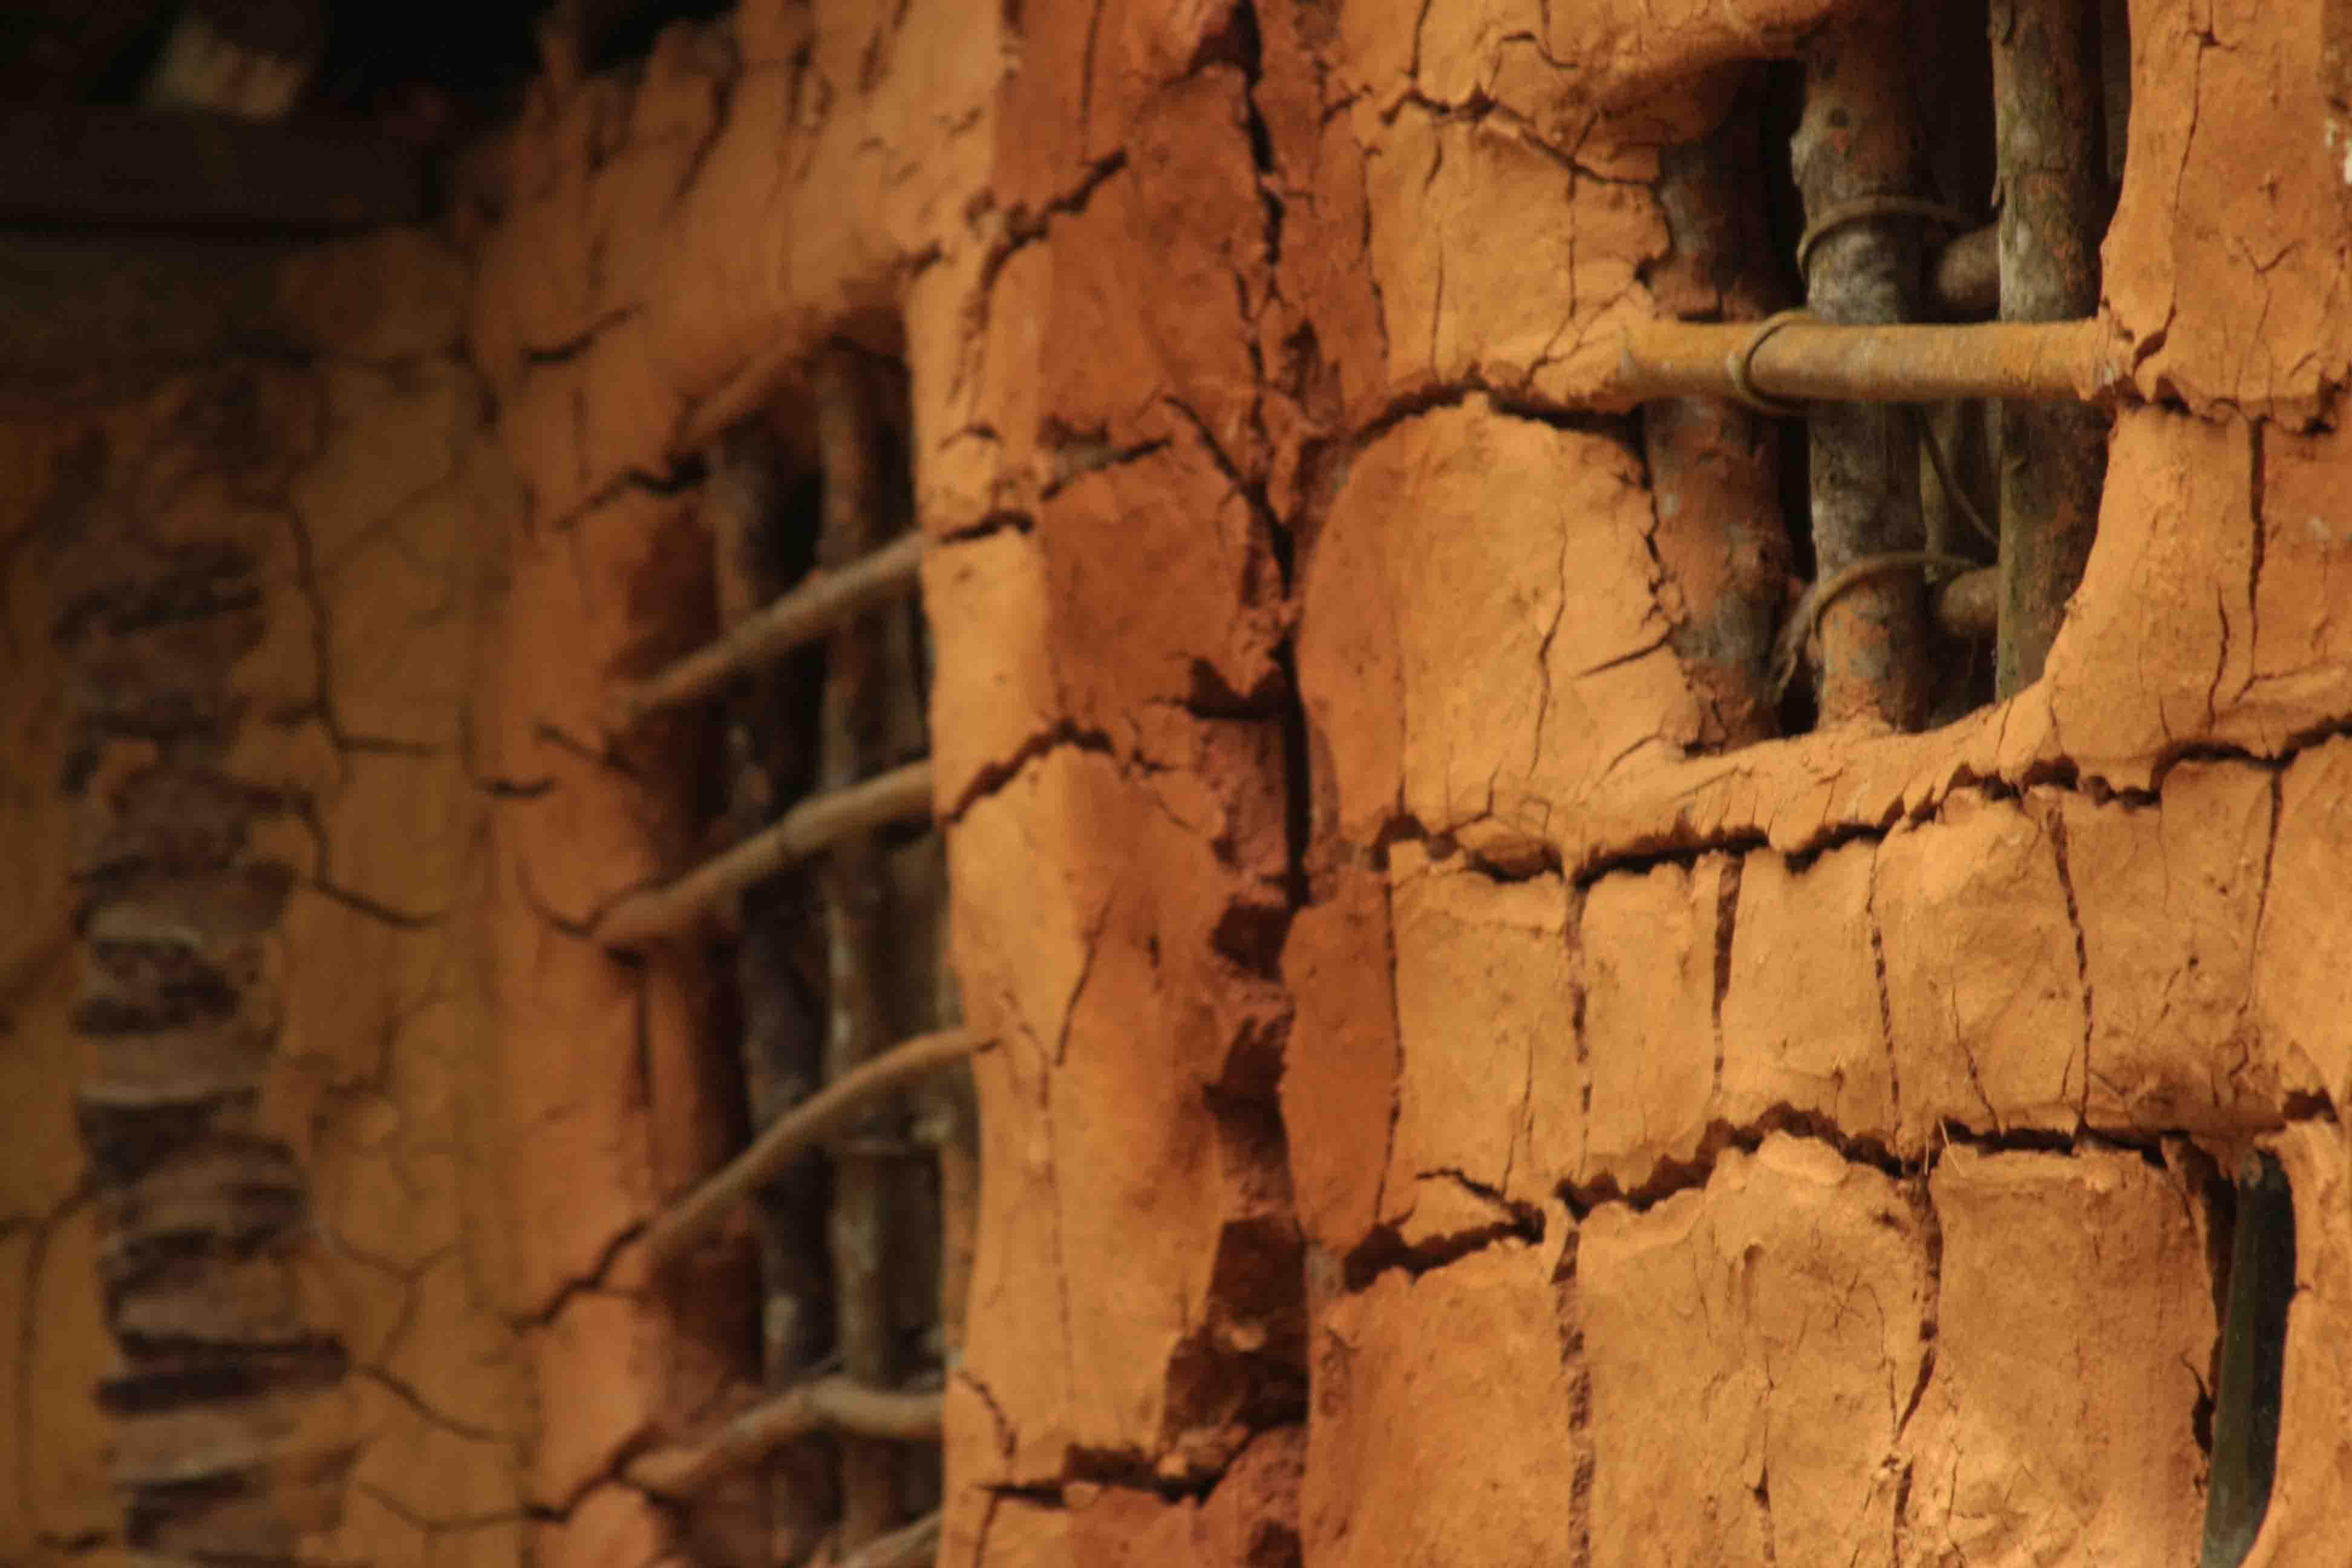 Ubatuba-cultura-comunidades-quilombo-271-bx